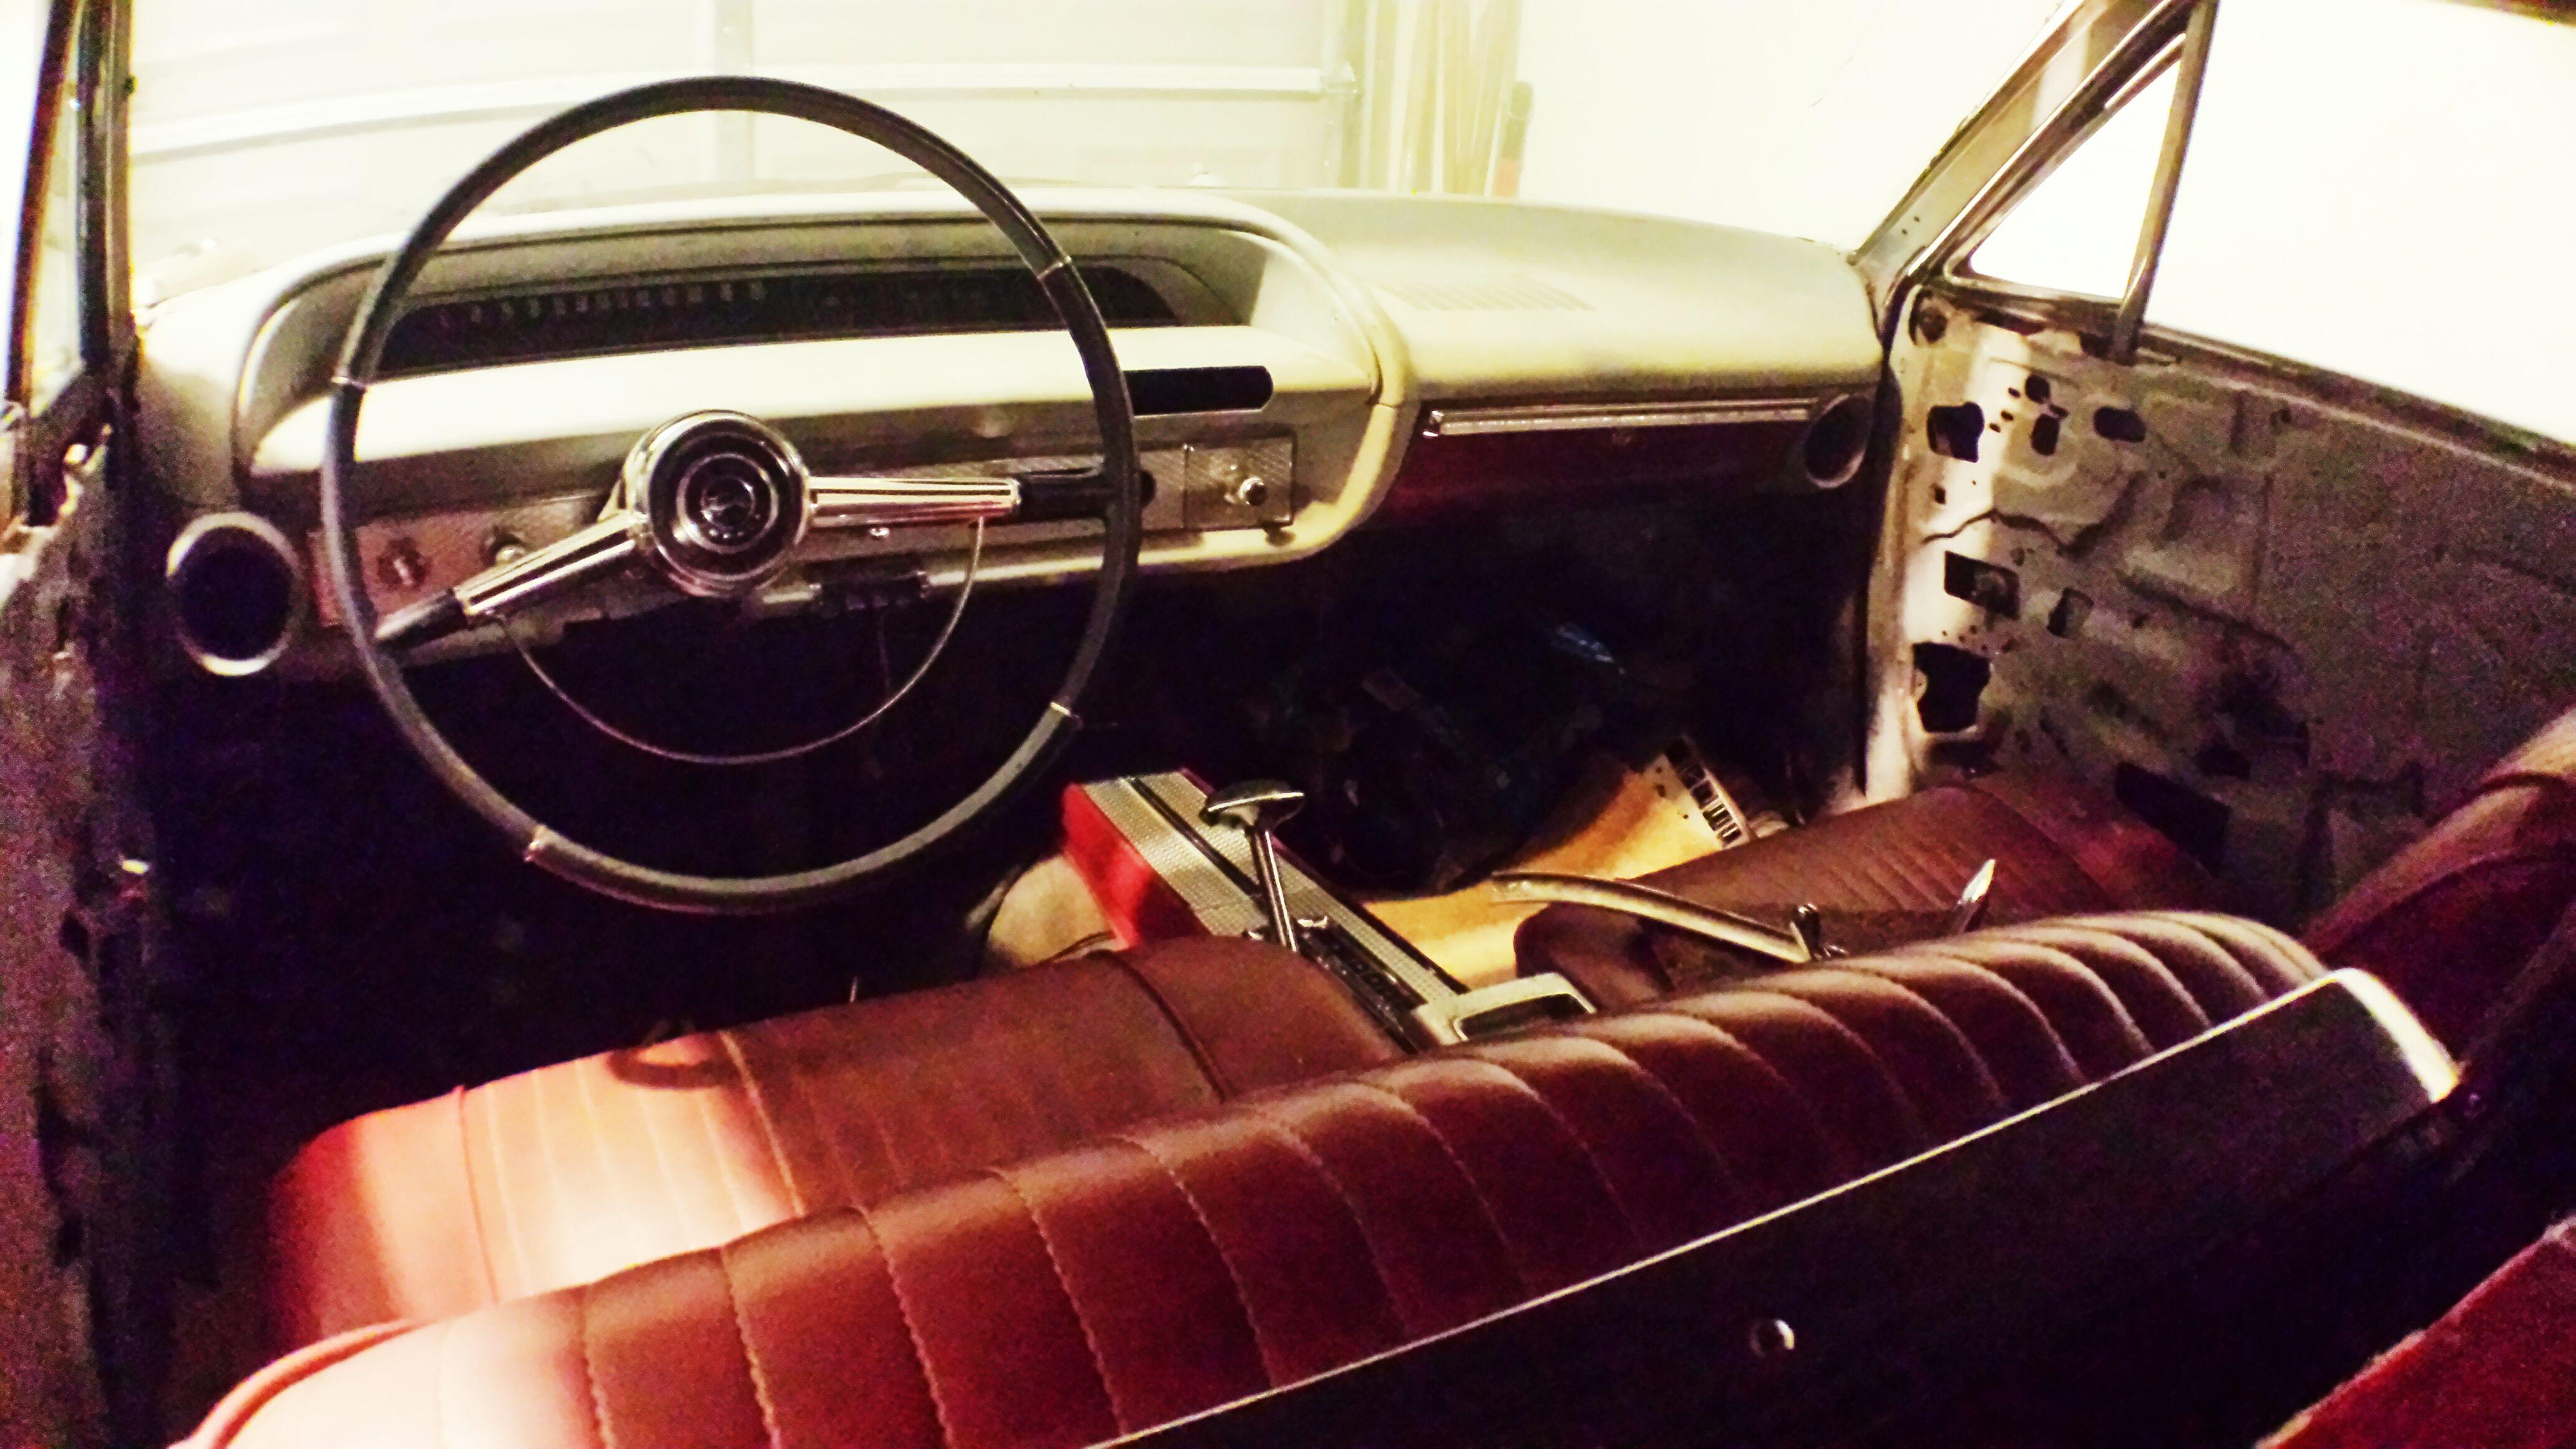 1964 impala SS interior chevrolet impala 1964 SS